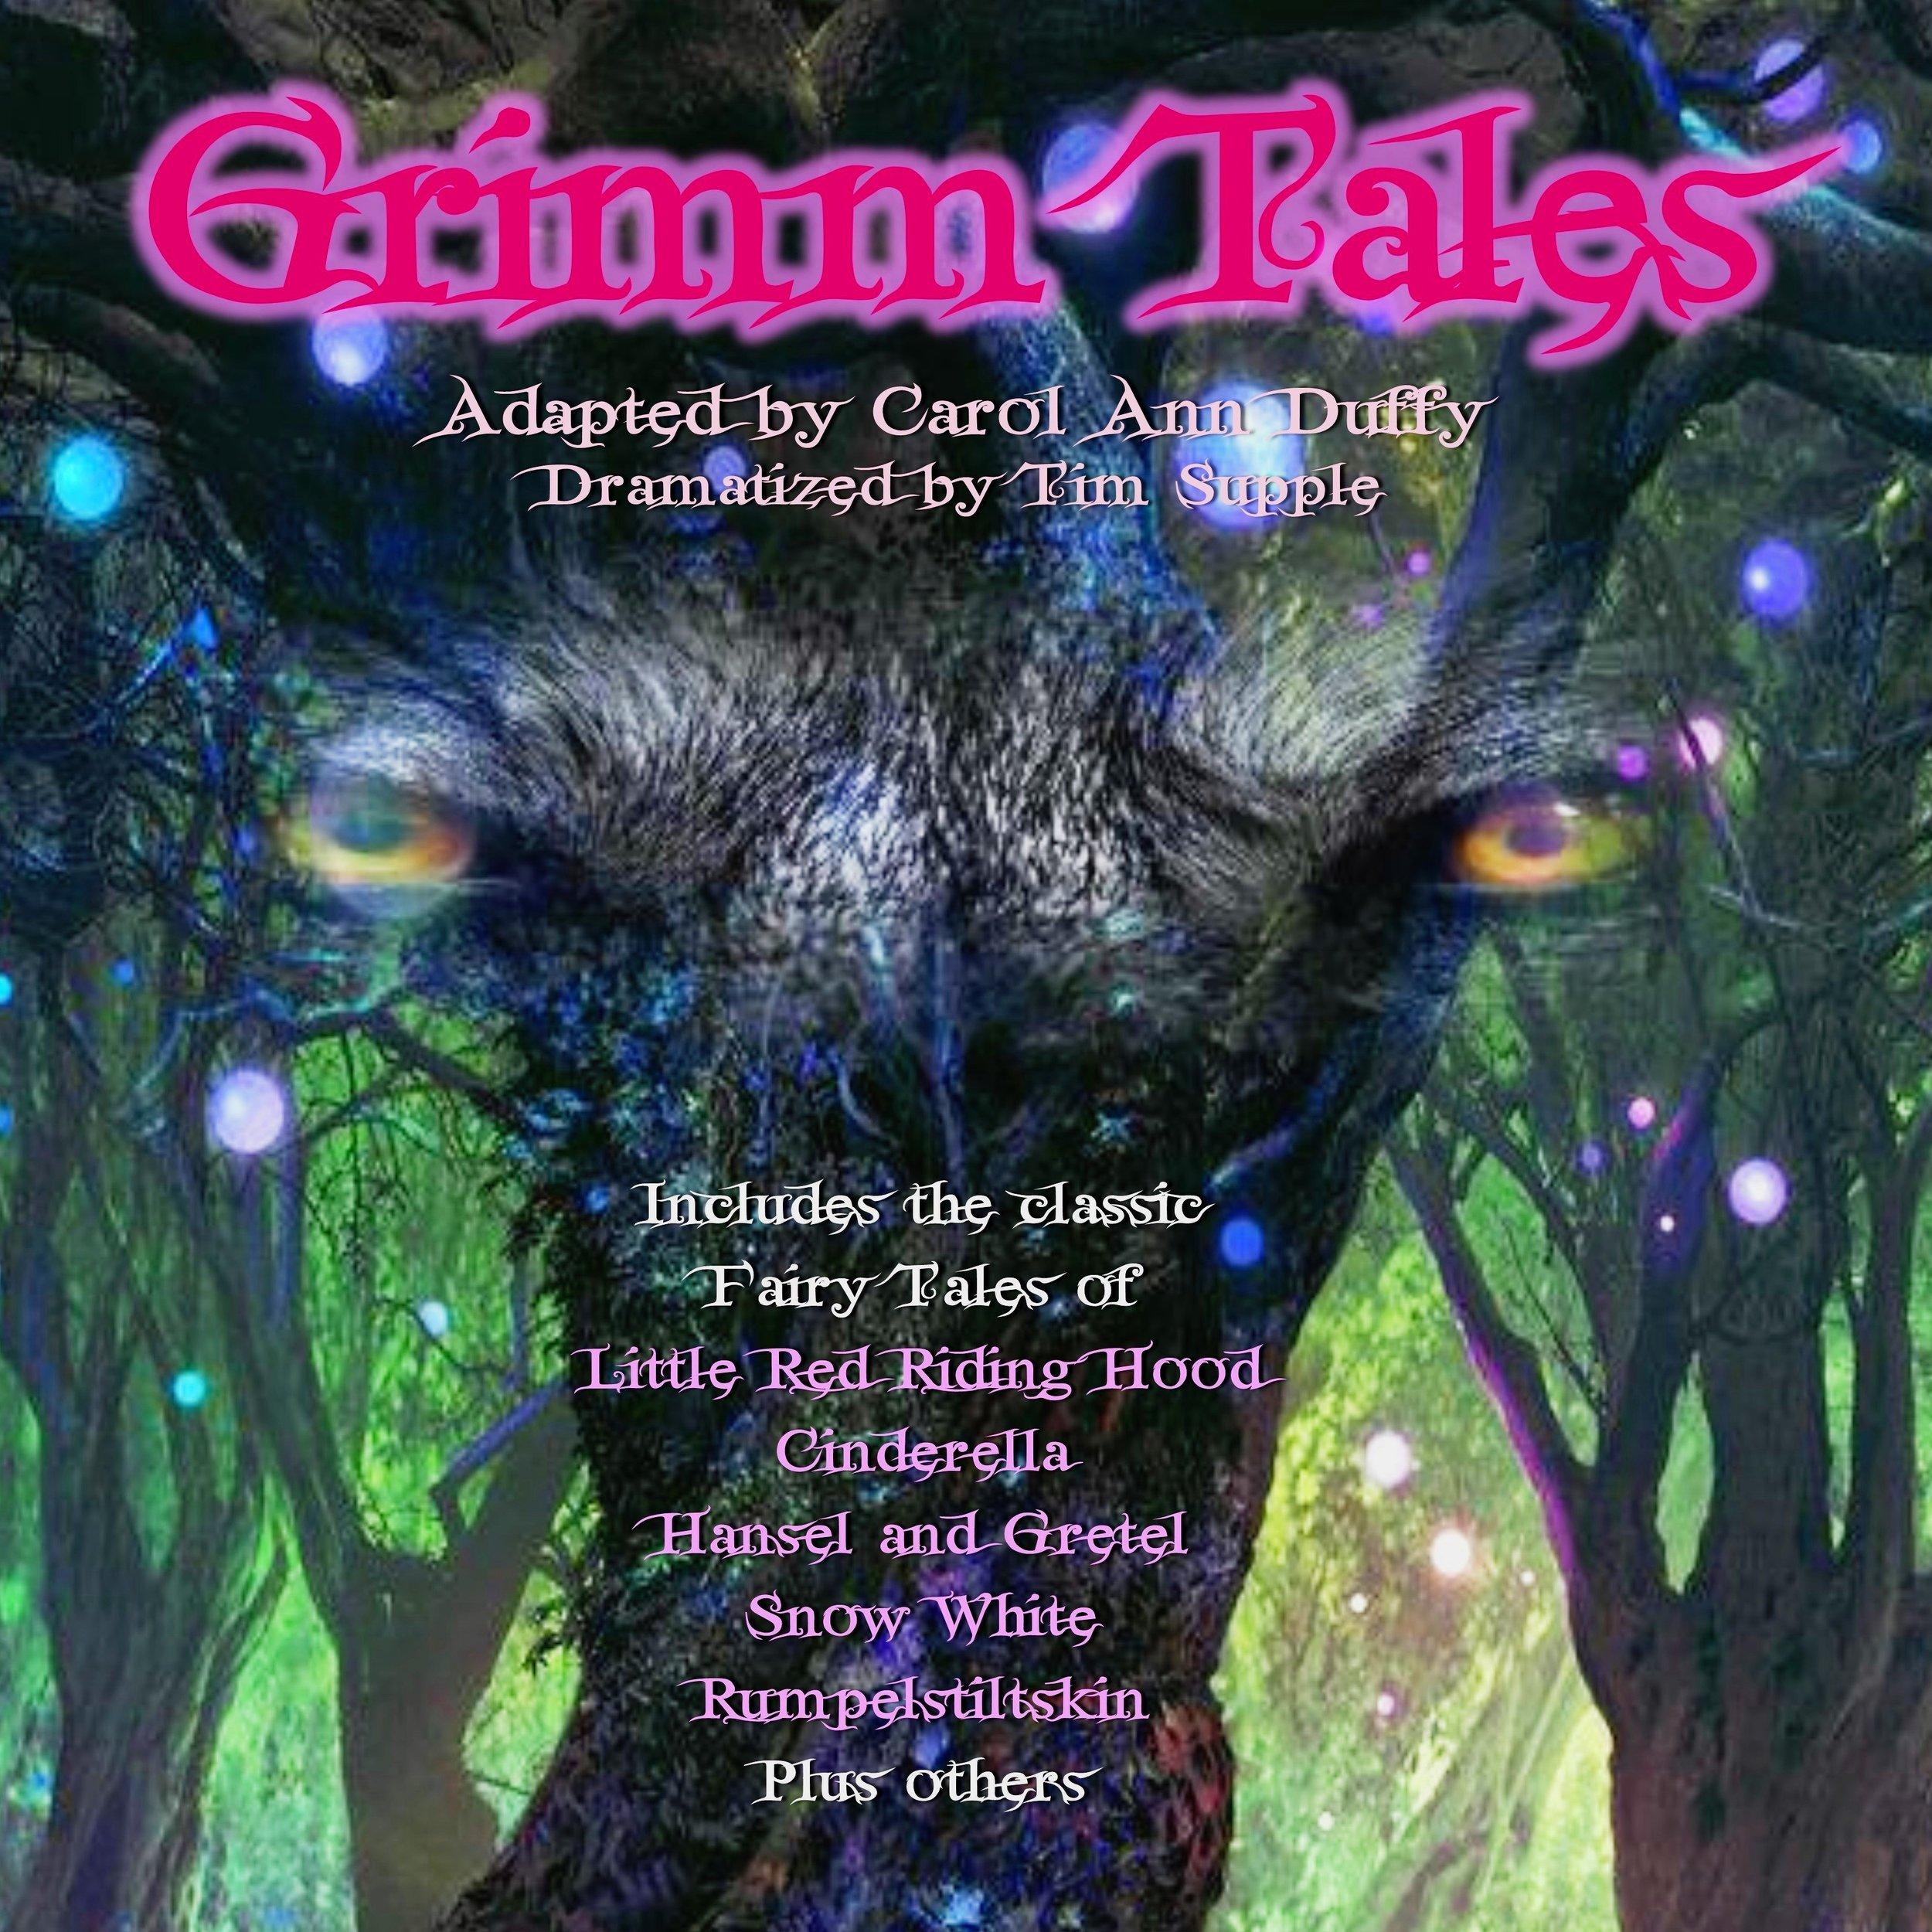 grimm tales web image.jpg